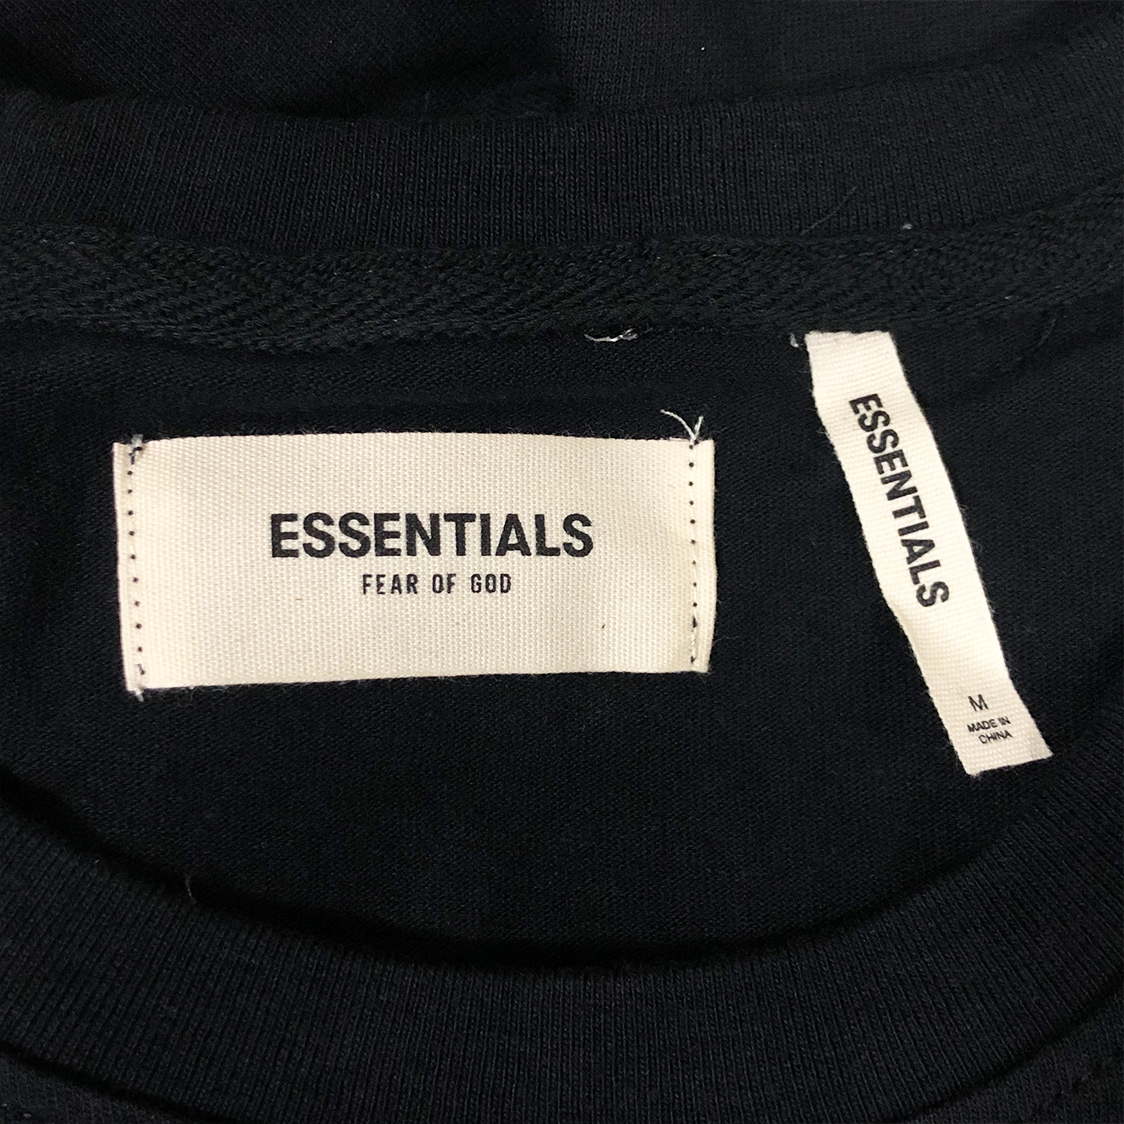 新品【Mサイズ】FOG Fear Of God Essentials フェアオブゴッド エッセンシャルズ LOGO TEE Tシャツ 半袖 エッセンシャル ブラック フォグ